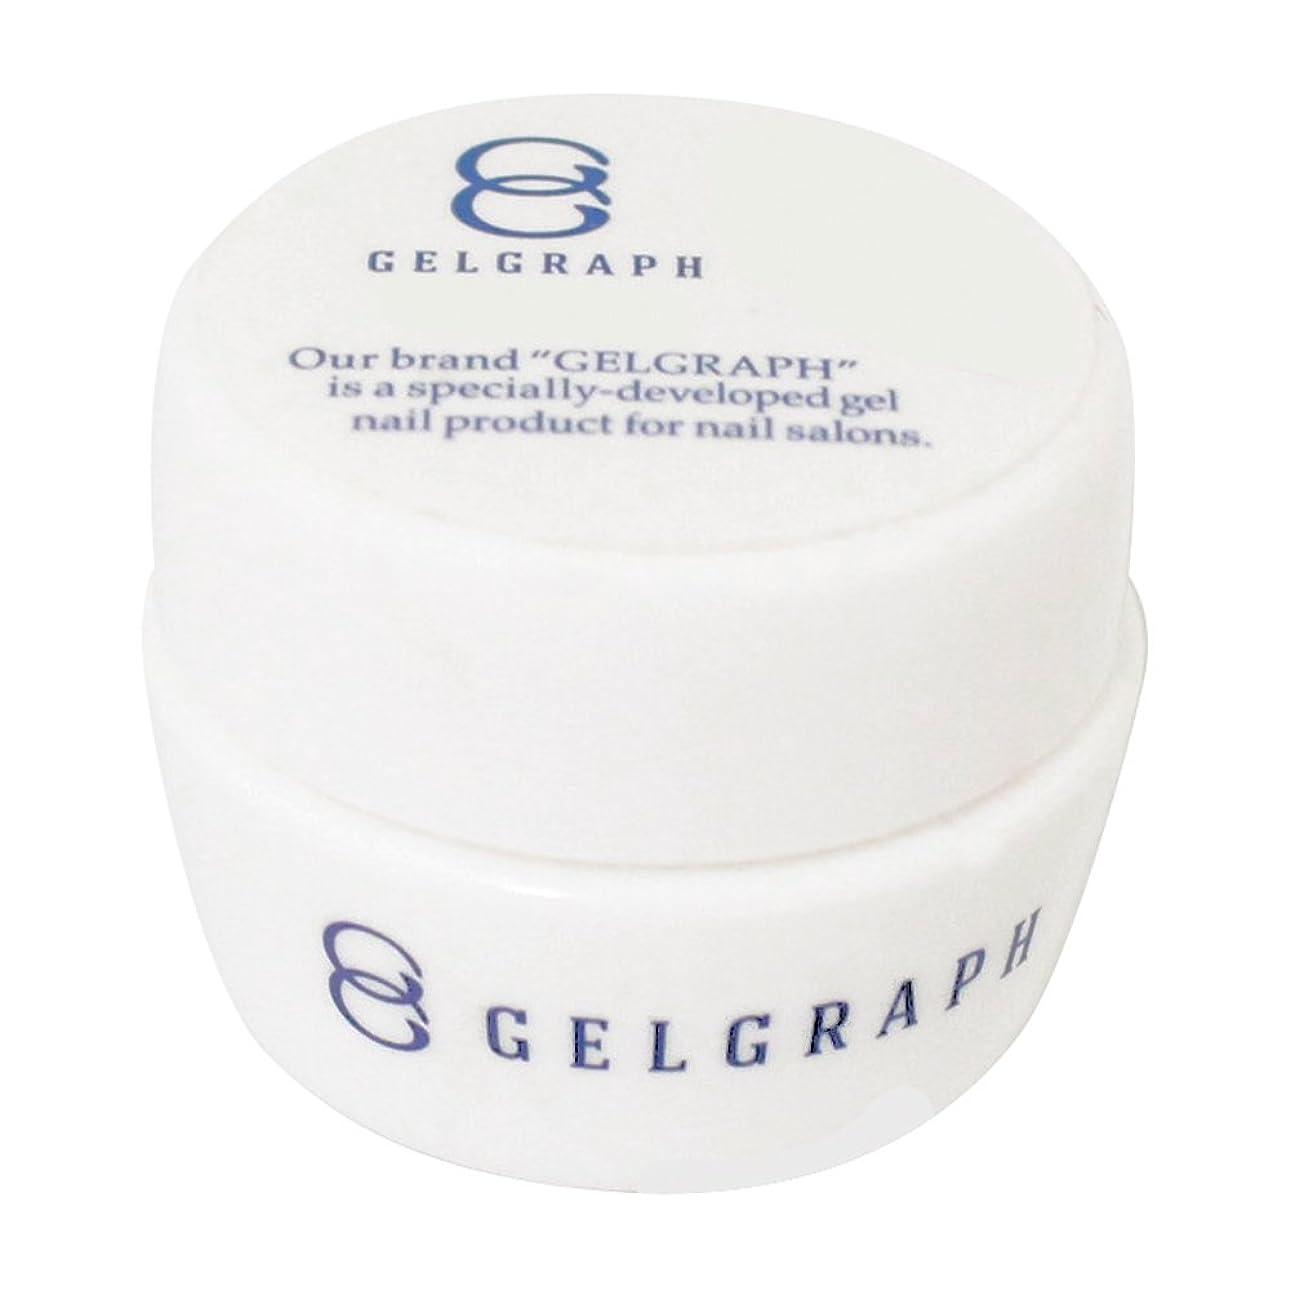 受け皿美容師気がついてGELGRAPH カラージェル 099P ルビーモスカート 5g UV/LED対応 ソークオフジェル